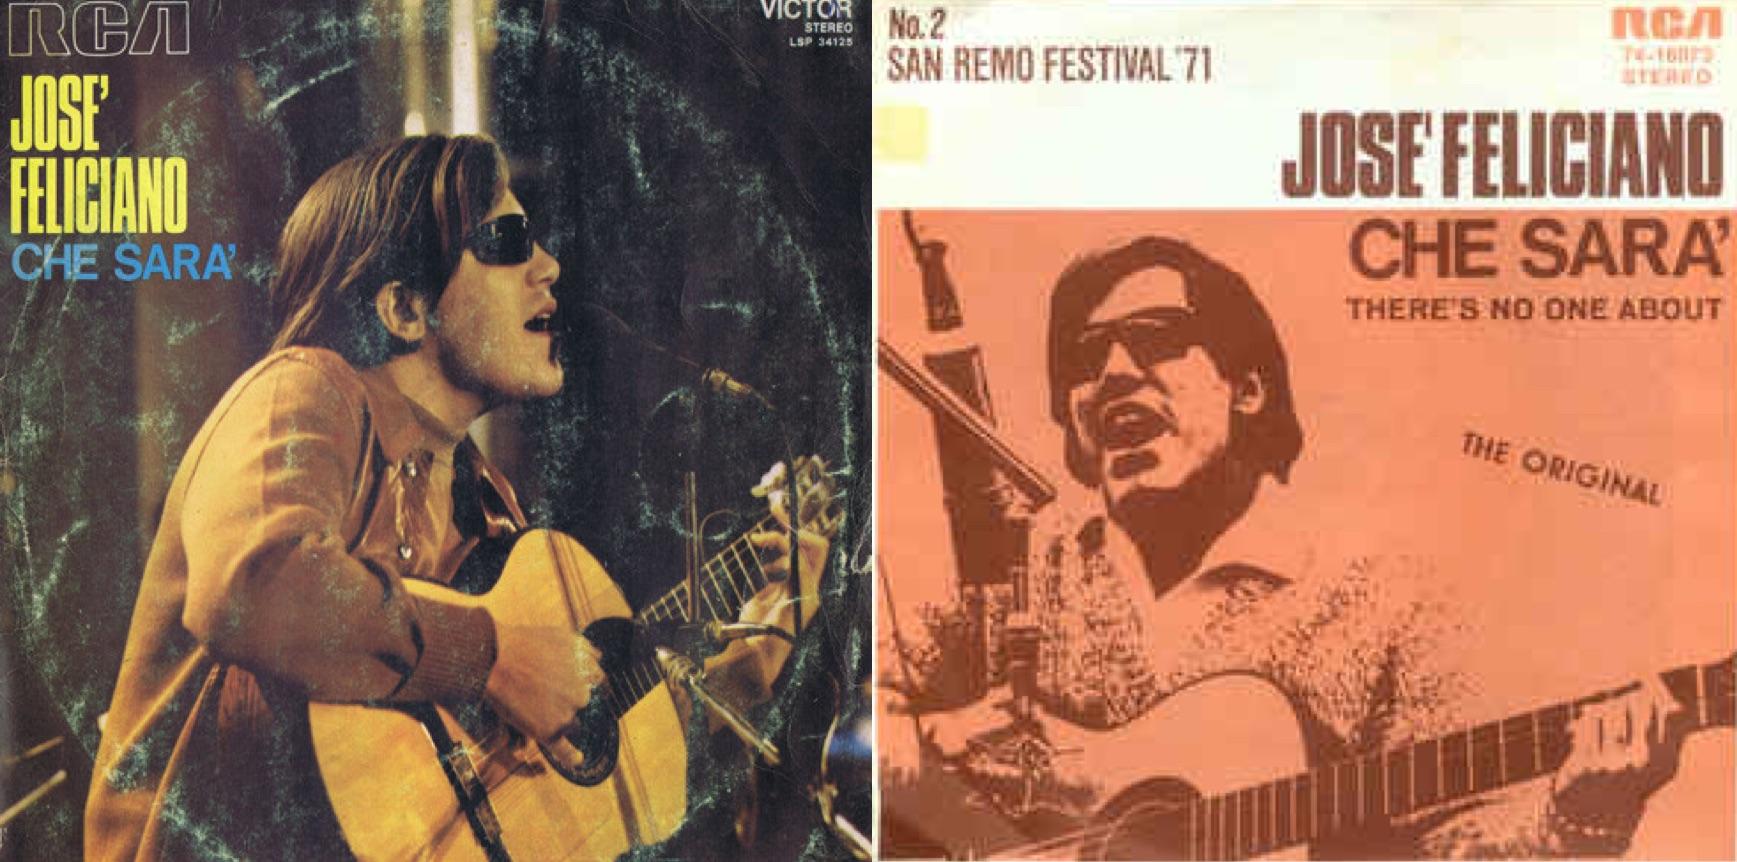 """Discos en italiano de """"Che sarà"""" (1971)."""